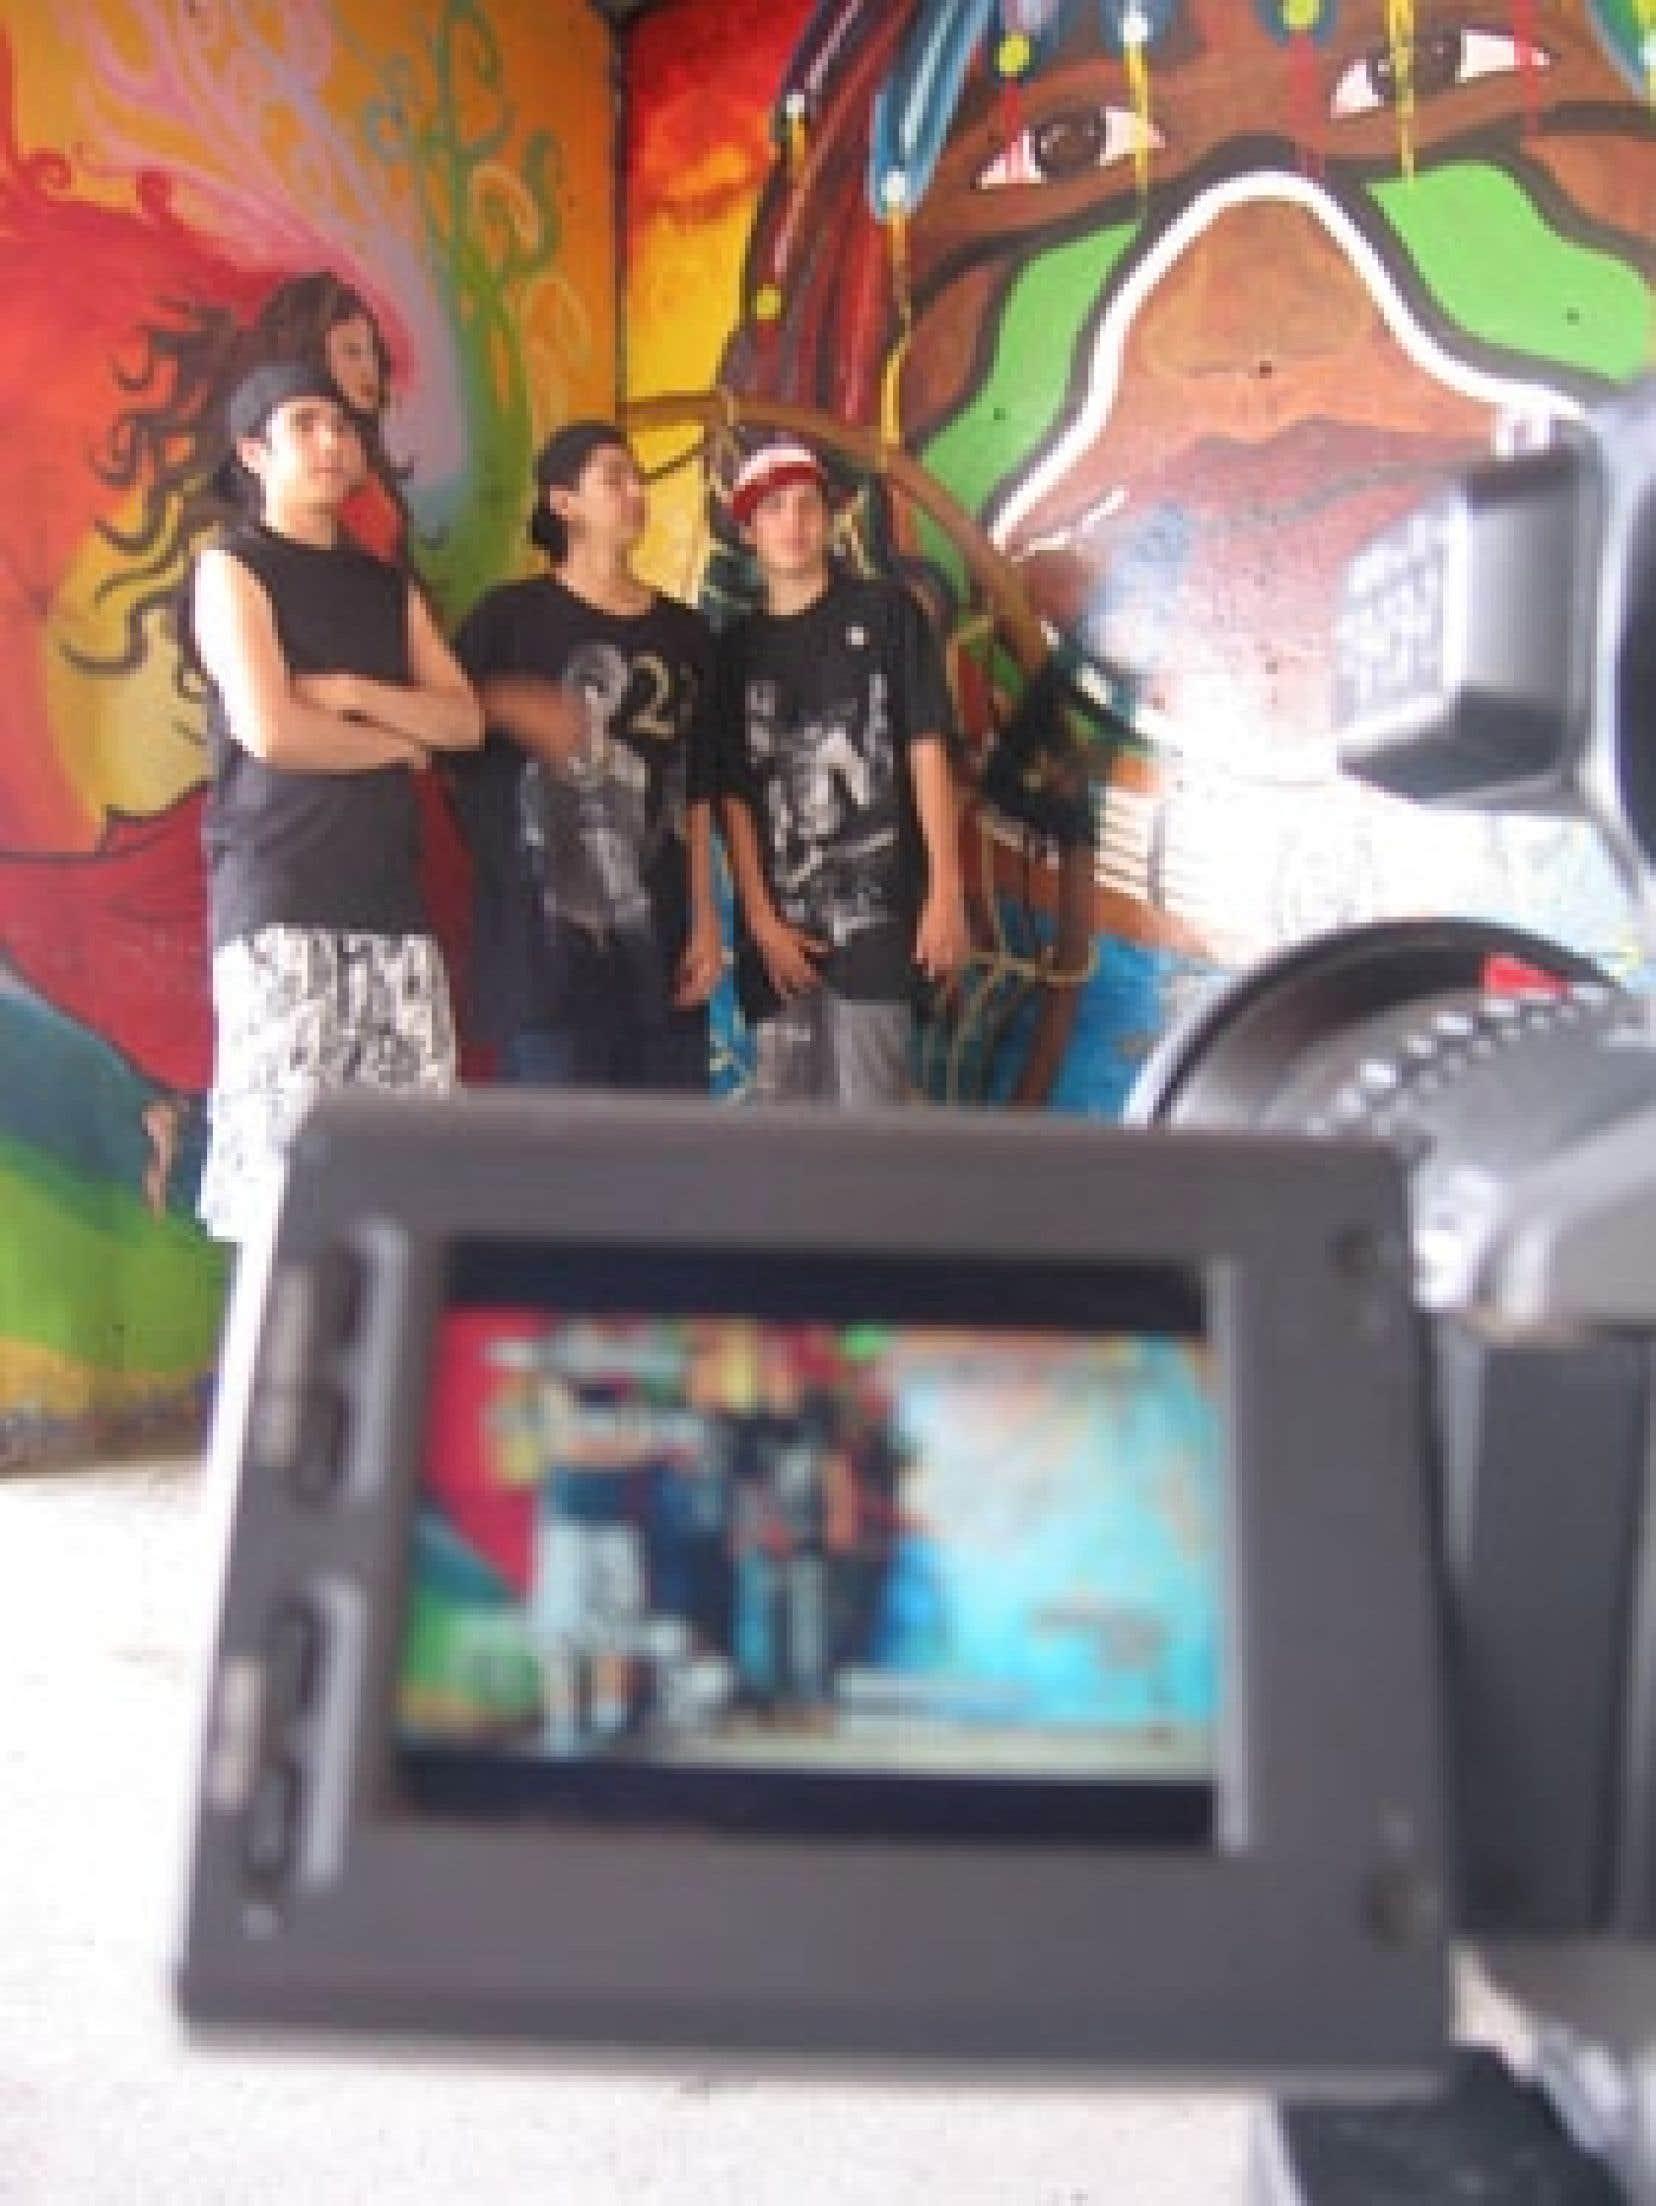 La Wapikoni mobile a permis à plus de 700 jeunes autochtones de créer 140 courts métrages — parmi lesquels 20 ont remporté des prix dans divers festivals nationaux et internationaux.  Source: Wapikoni mobile